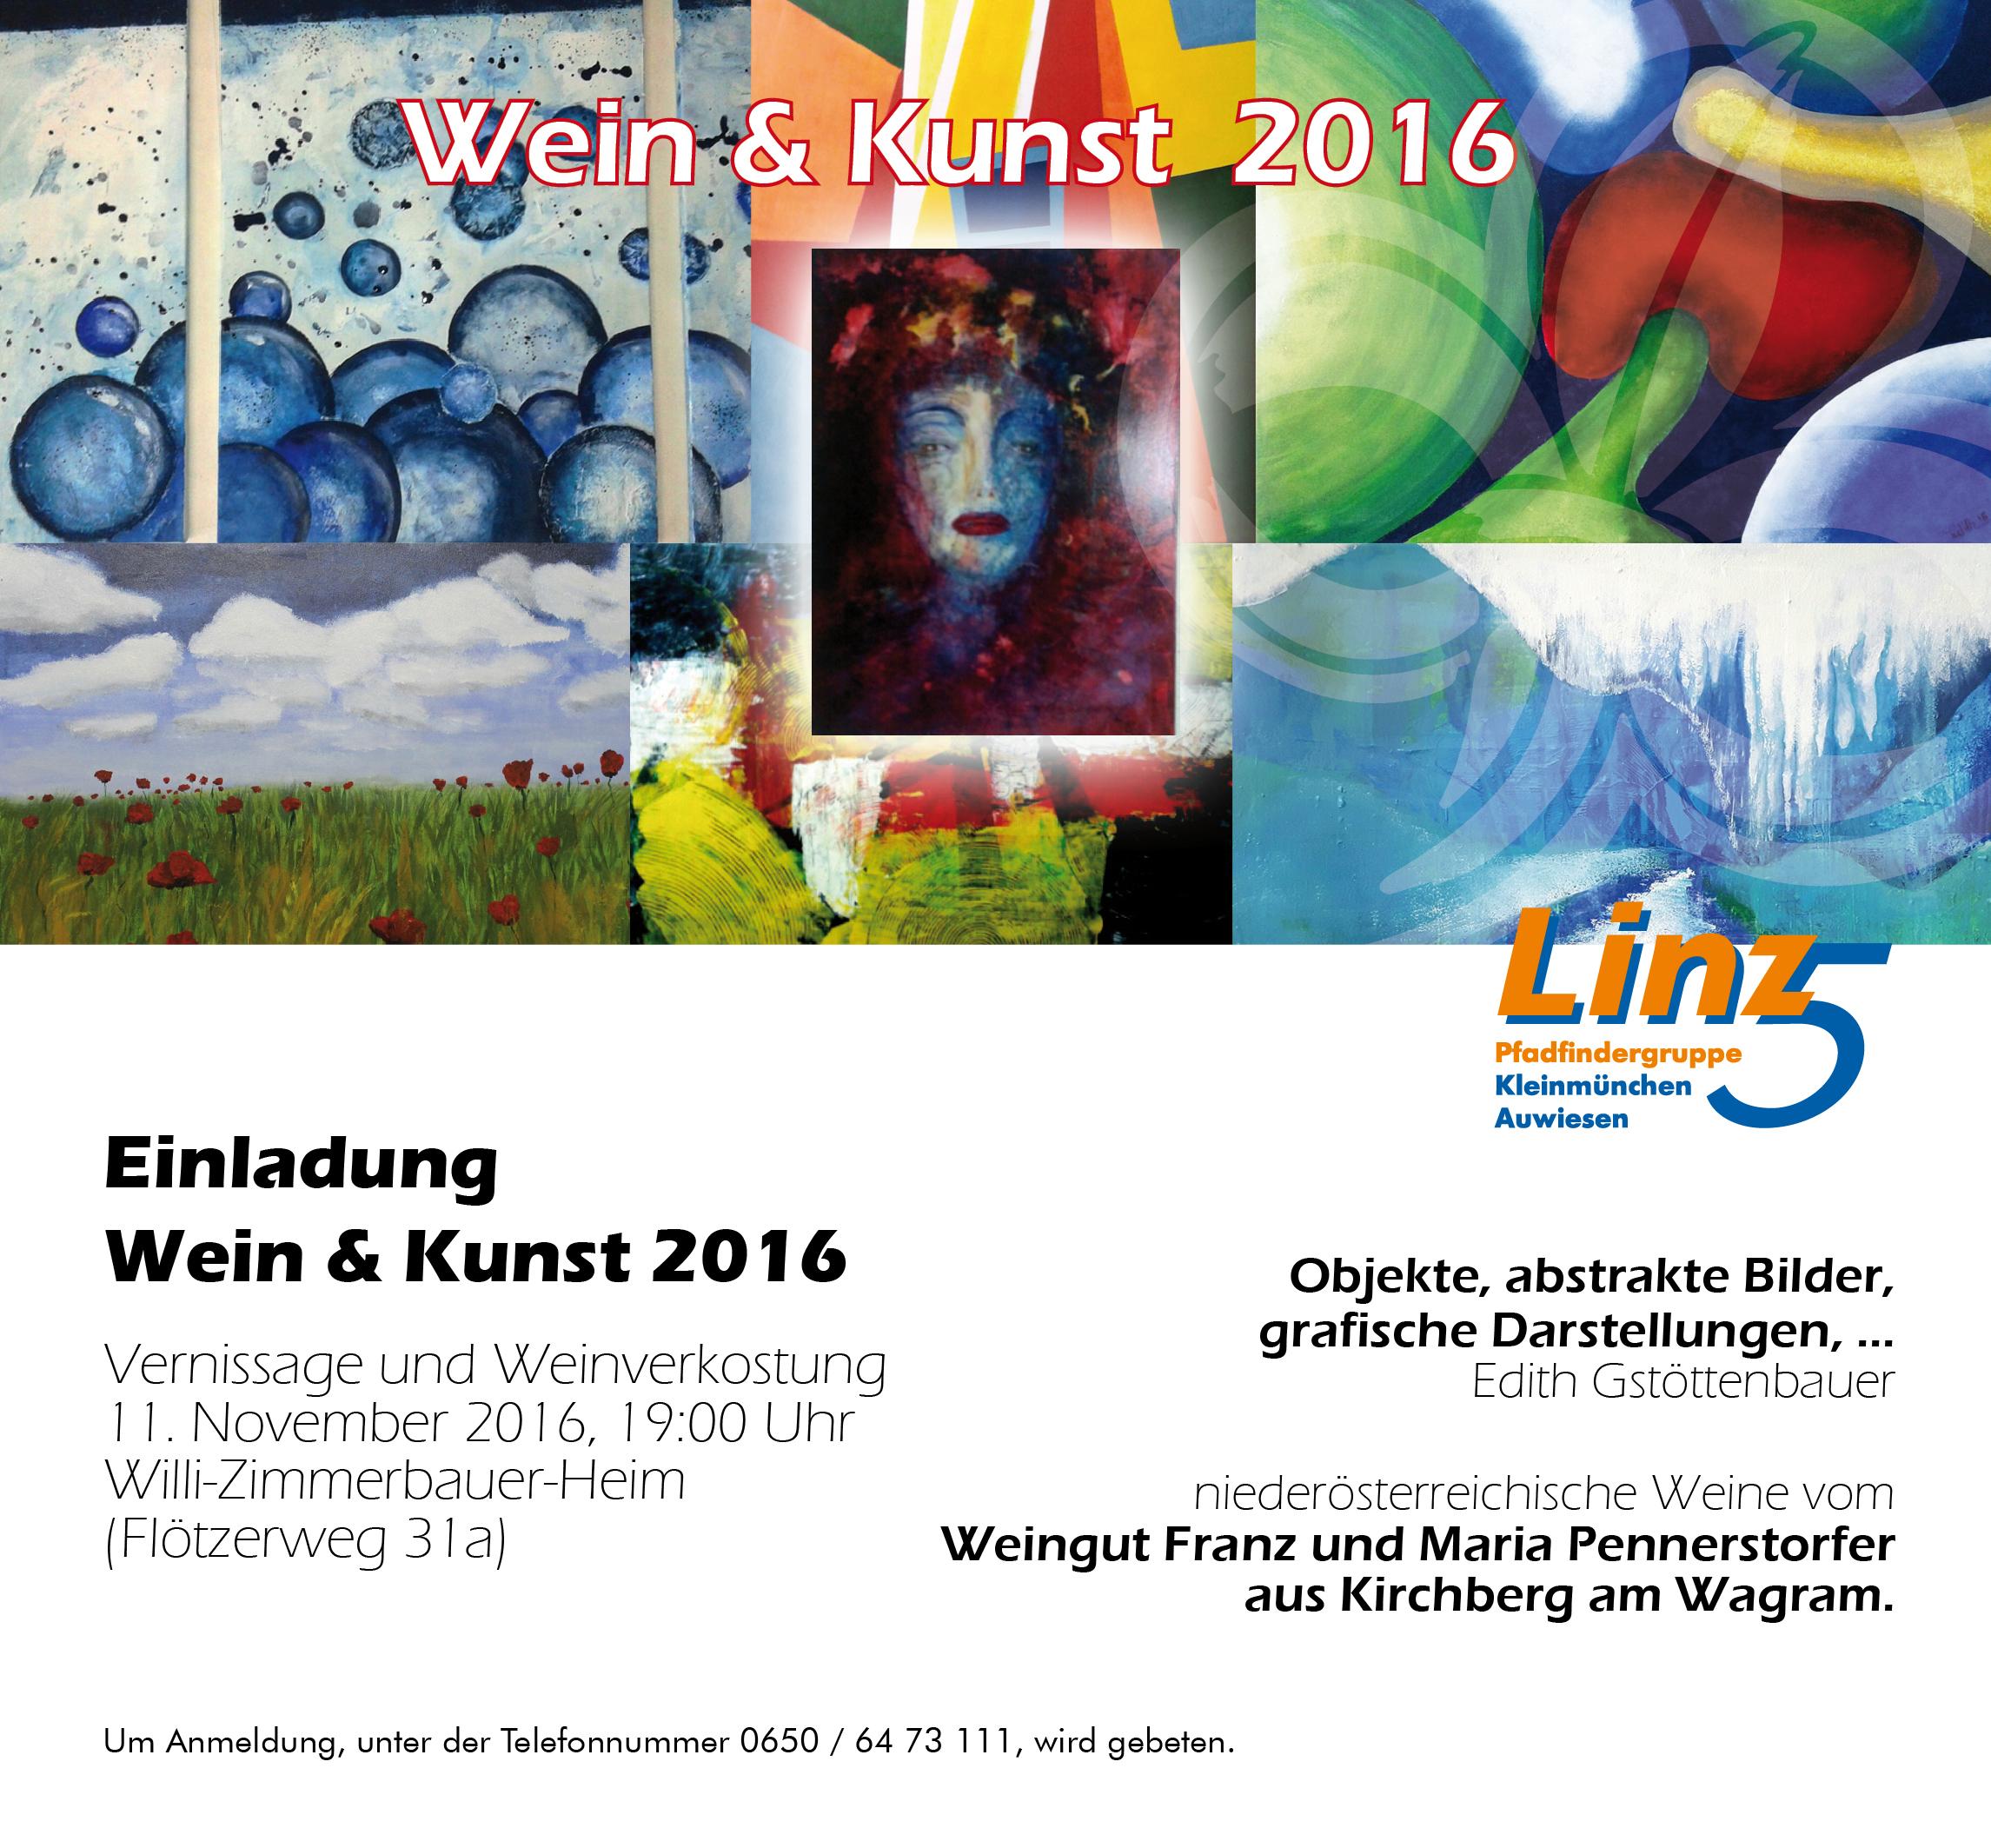 einladung_wein_und_kunst_2016